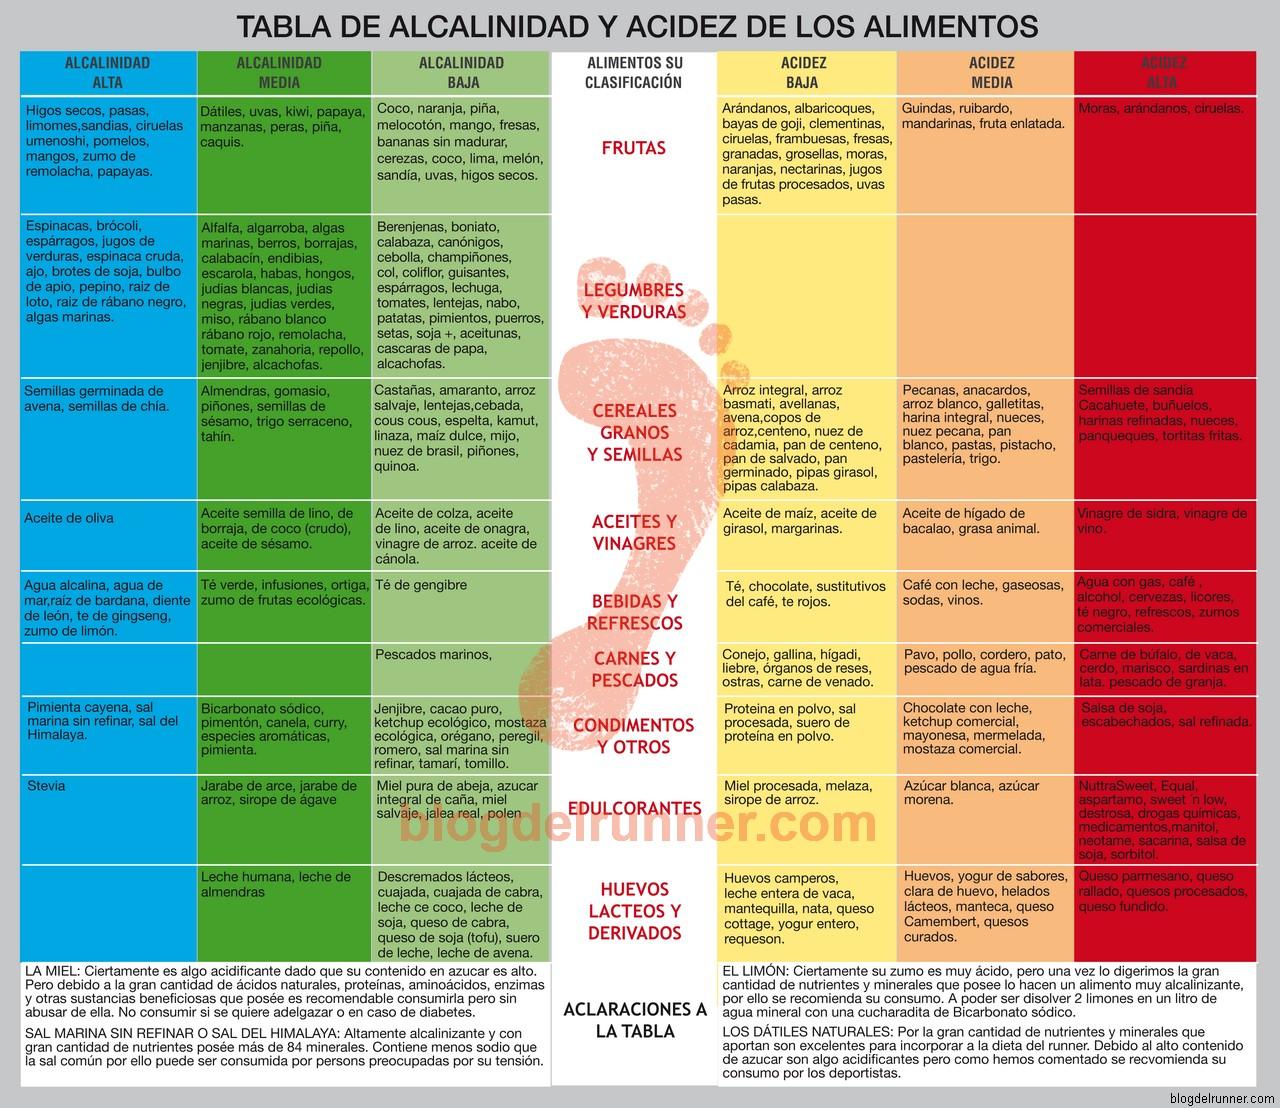 Estilo de vida alcalino mejora tu alimentaci n parte 1 - Colesterol en alimentos tabla ...